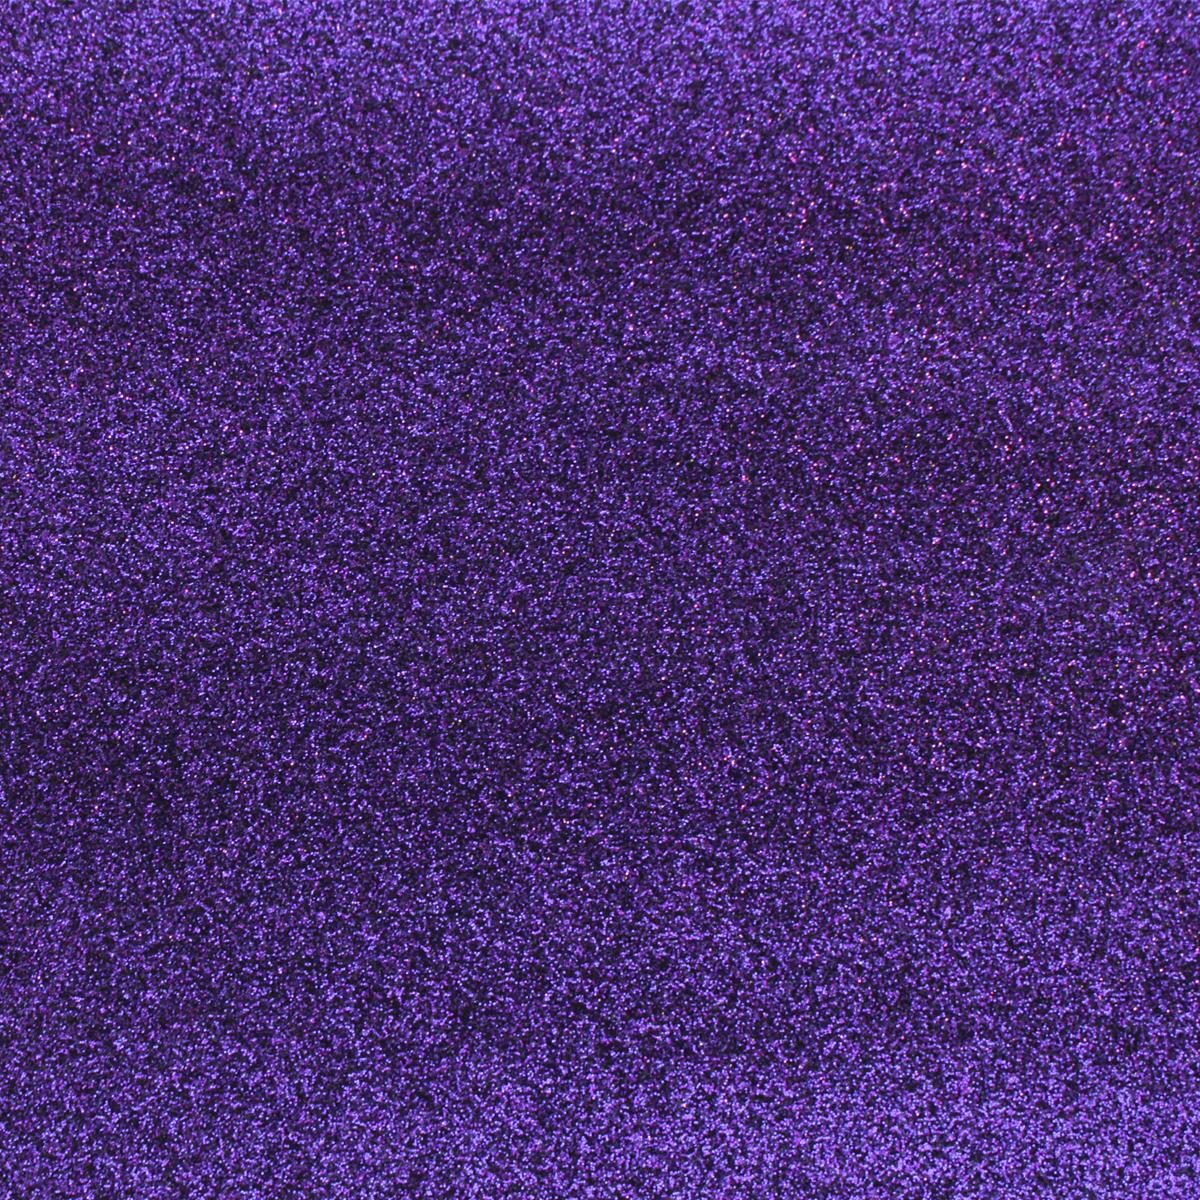 Ткань для рукоделия Ki Sign, с глиттером, цвет: пурпурный, 70 х 45 см7716492_93 пурпурныйТкань для рукоделия Ki Sign с глиттером (55% ПВХ, 45% полиэстер) предназначена для шитья текстильных кукол и игрушек, пэчворк-работ, для квилтинга и скрапбукинга. Такая ткань удобна в раскрое, не скользит, легко стирается и достаточно прочная.